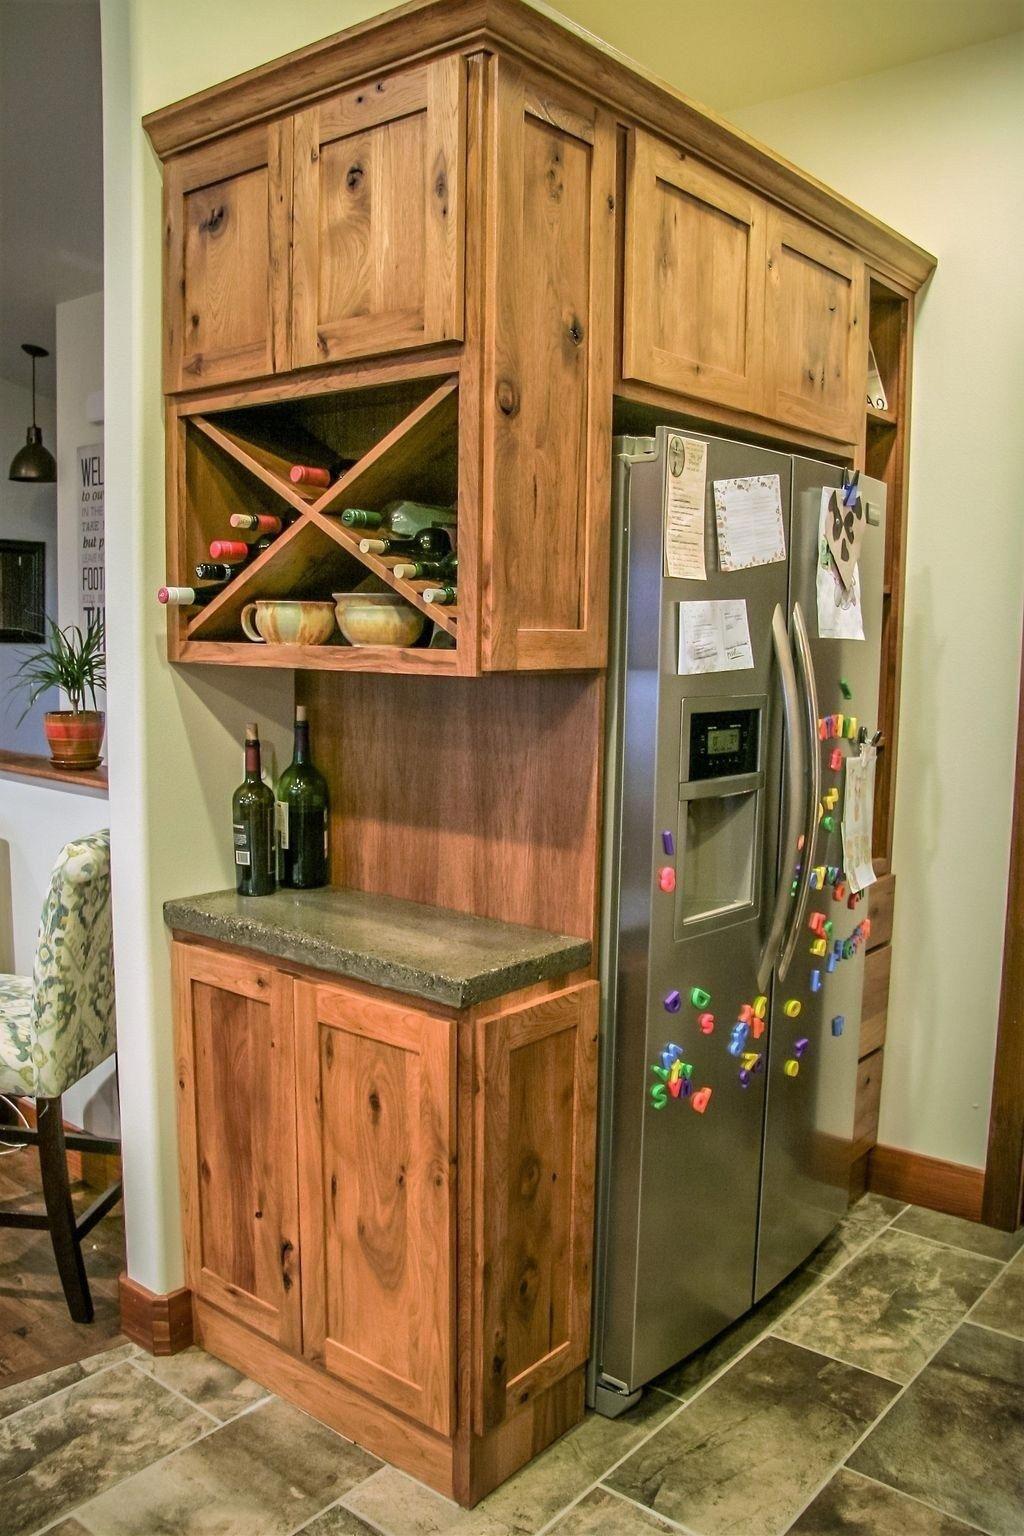 Cucina Pallet Fai Da Te immagine ristrutturazione cucina di francesco rubino su